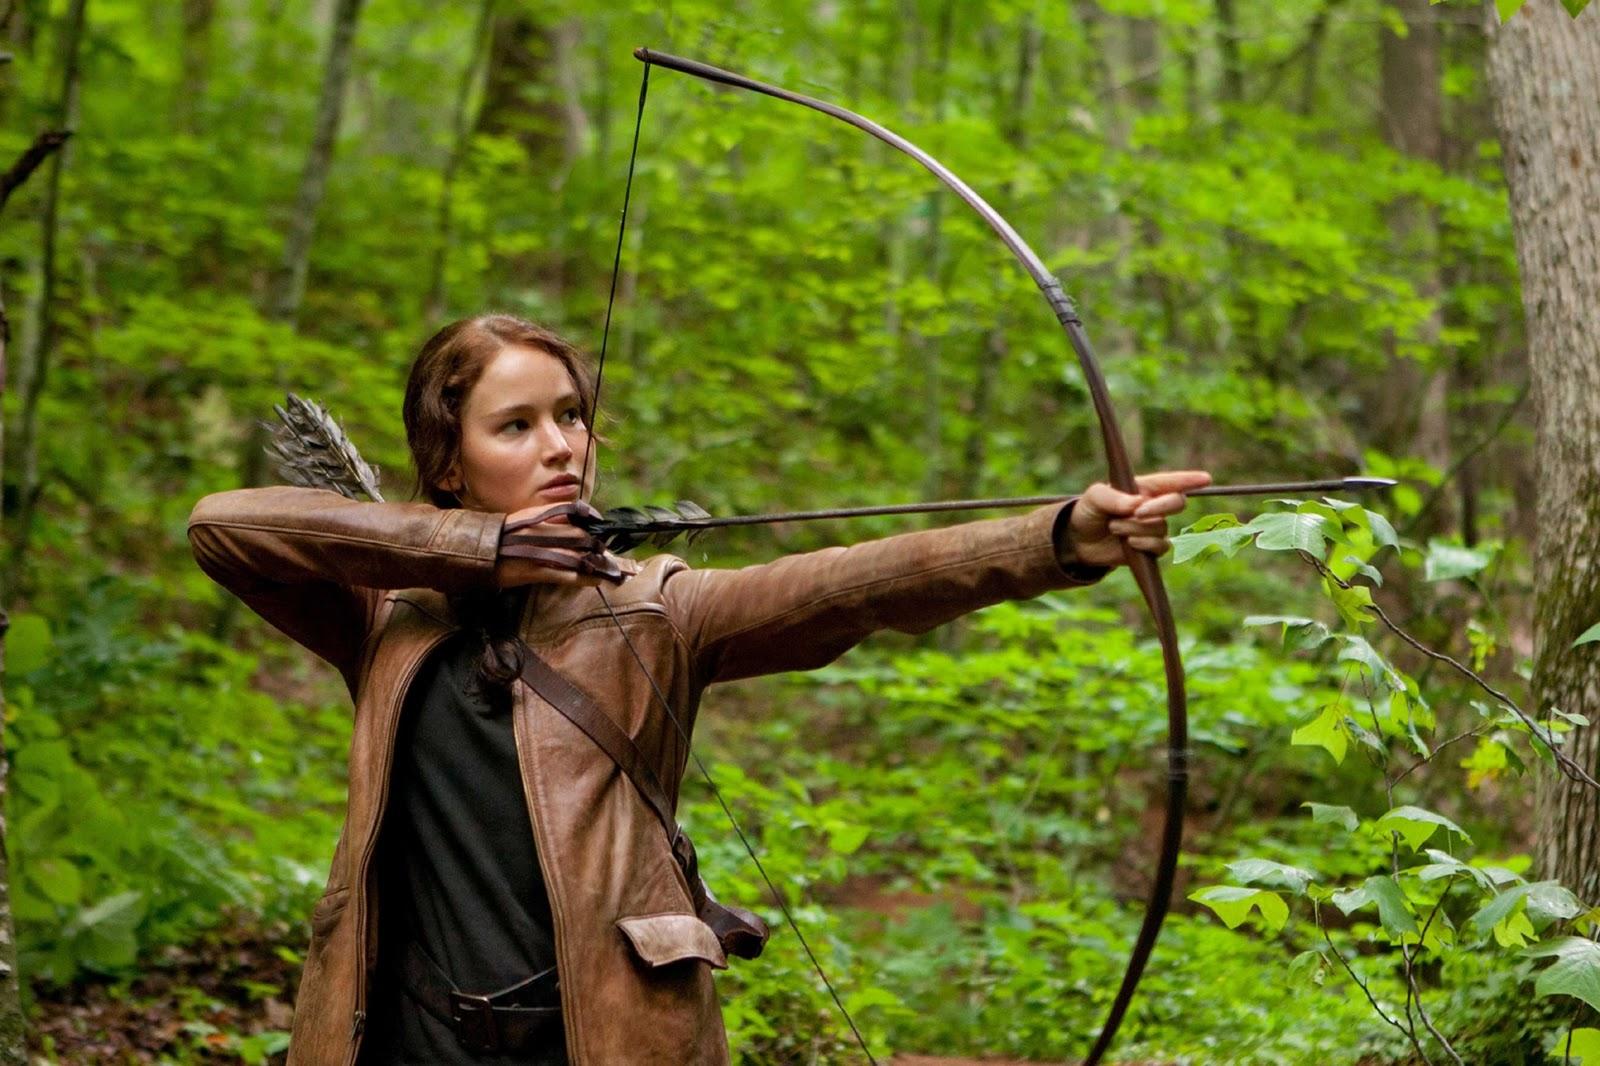 http://1.bp.blogspot.com/-xTaFke77jSE/UBPxNaBkwAI/AAAAAAAAEbg/k4H4czEjYos/s1600/Katniss+Everdeen.jpeg